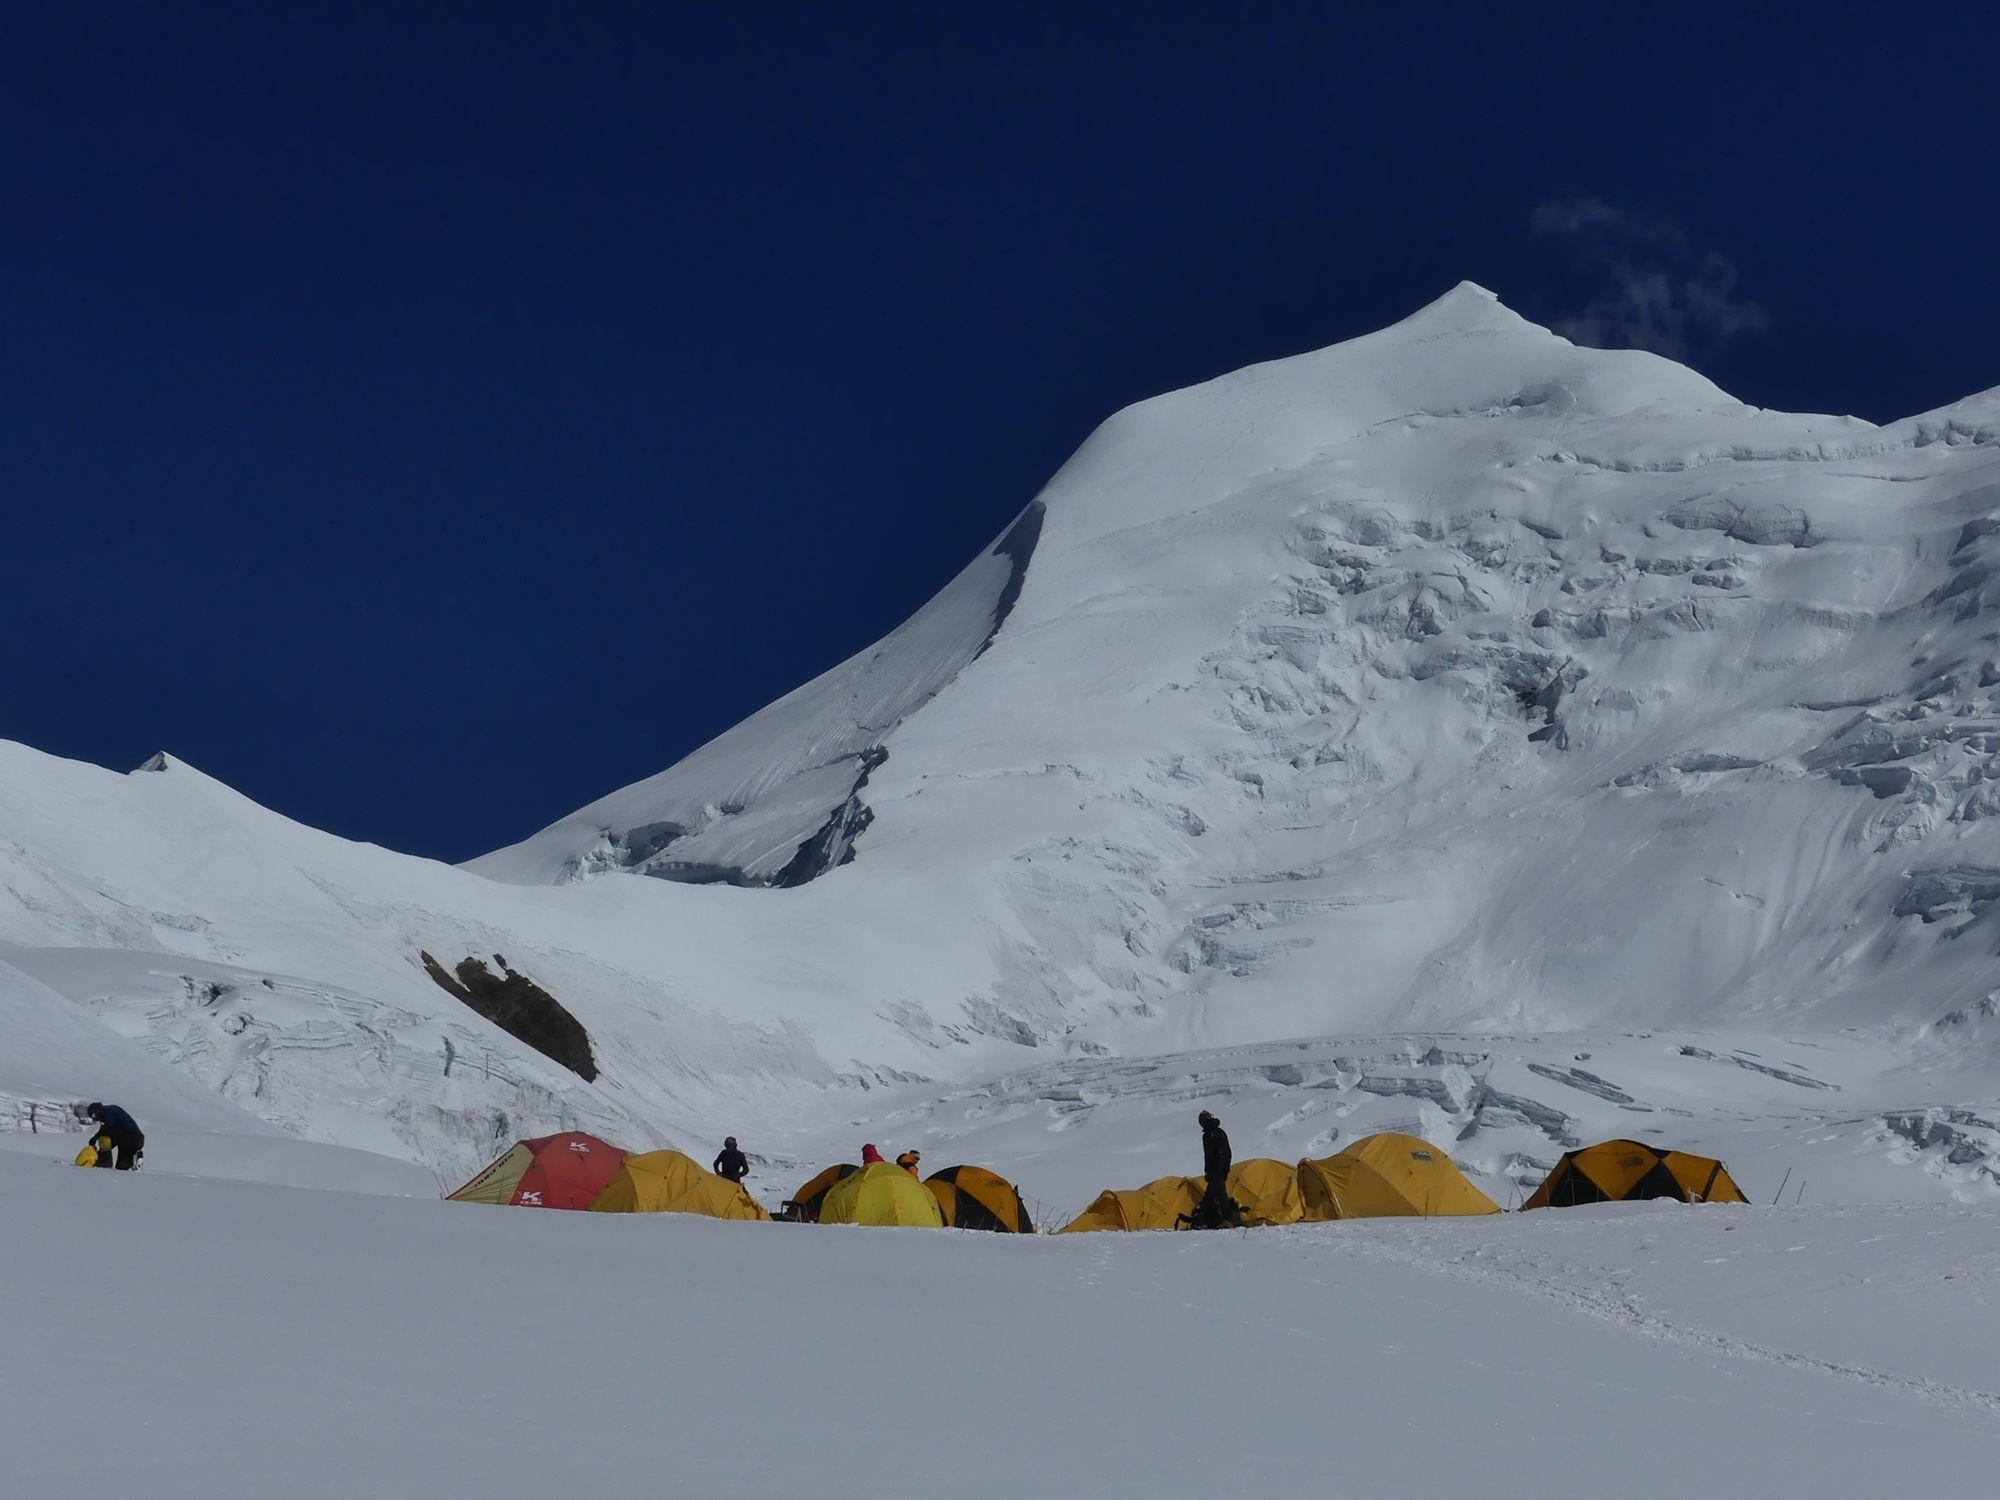 Himlung Camp II